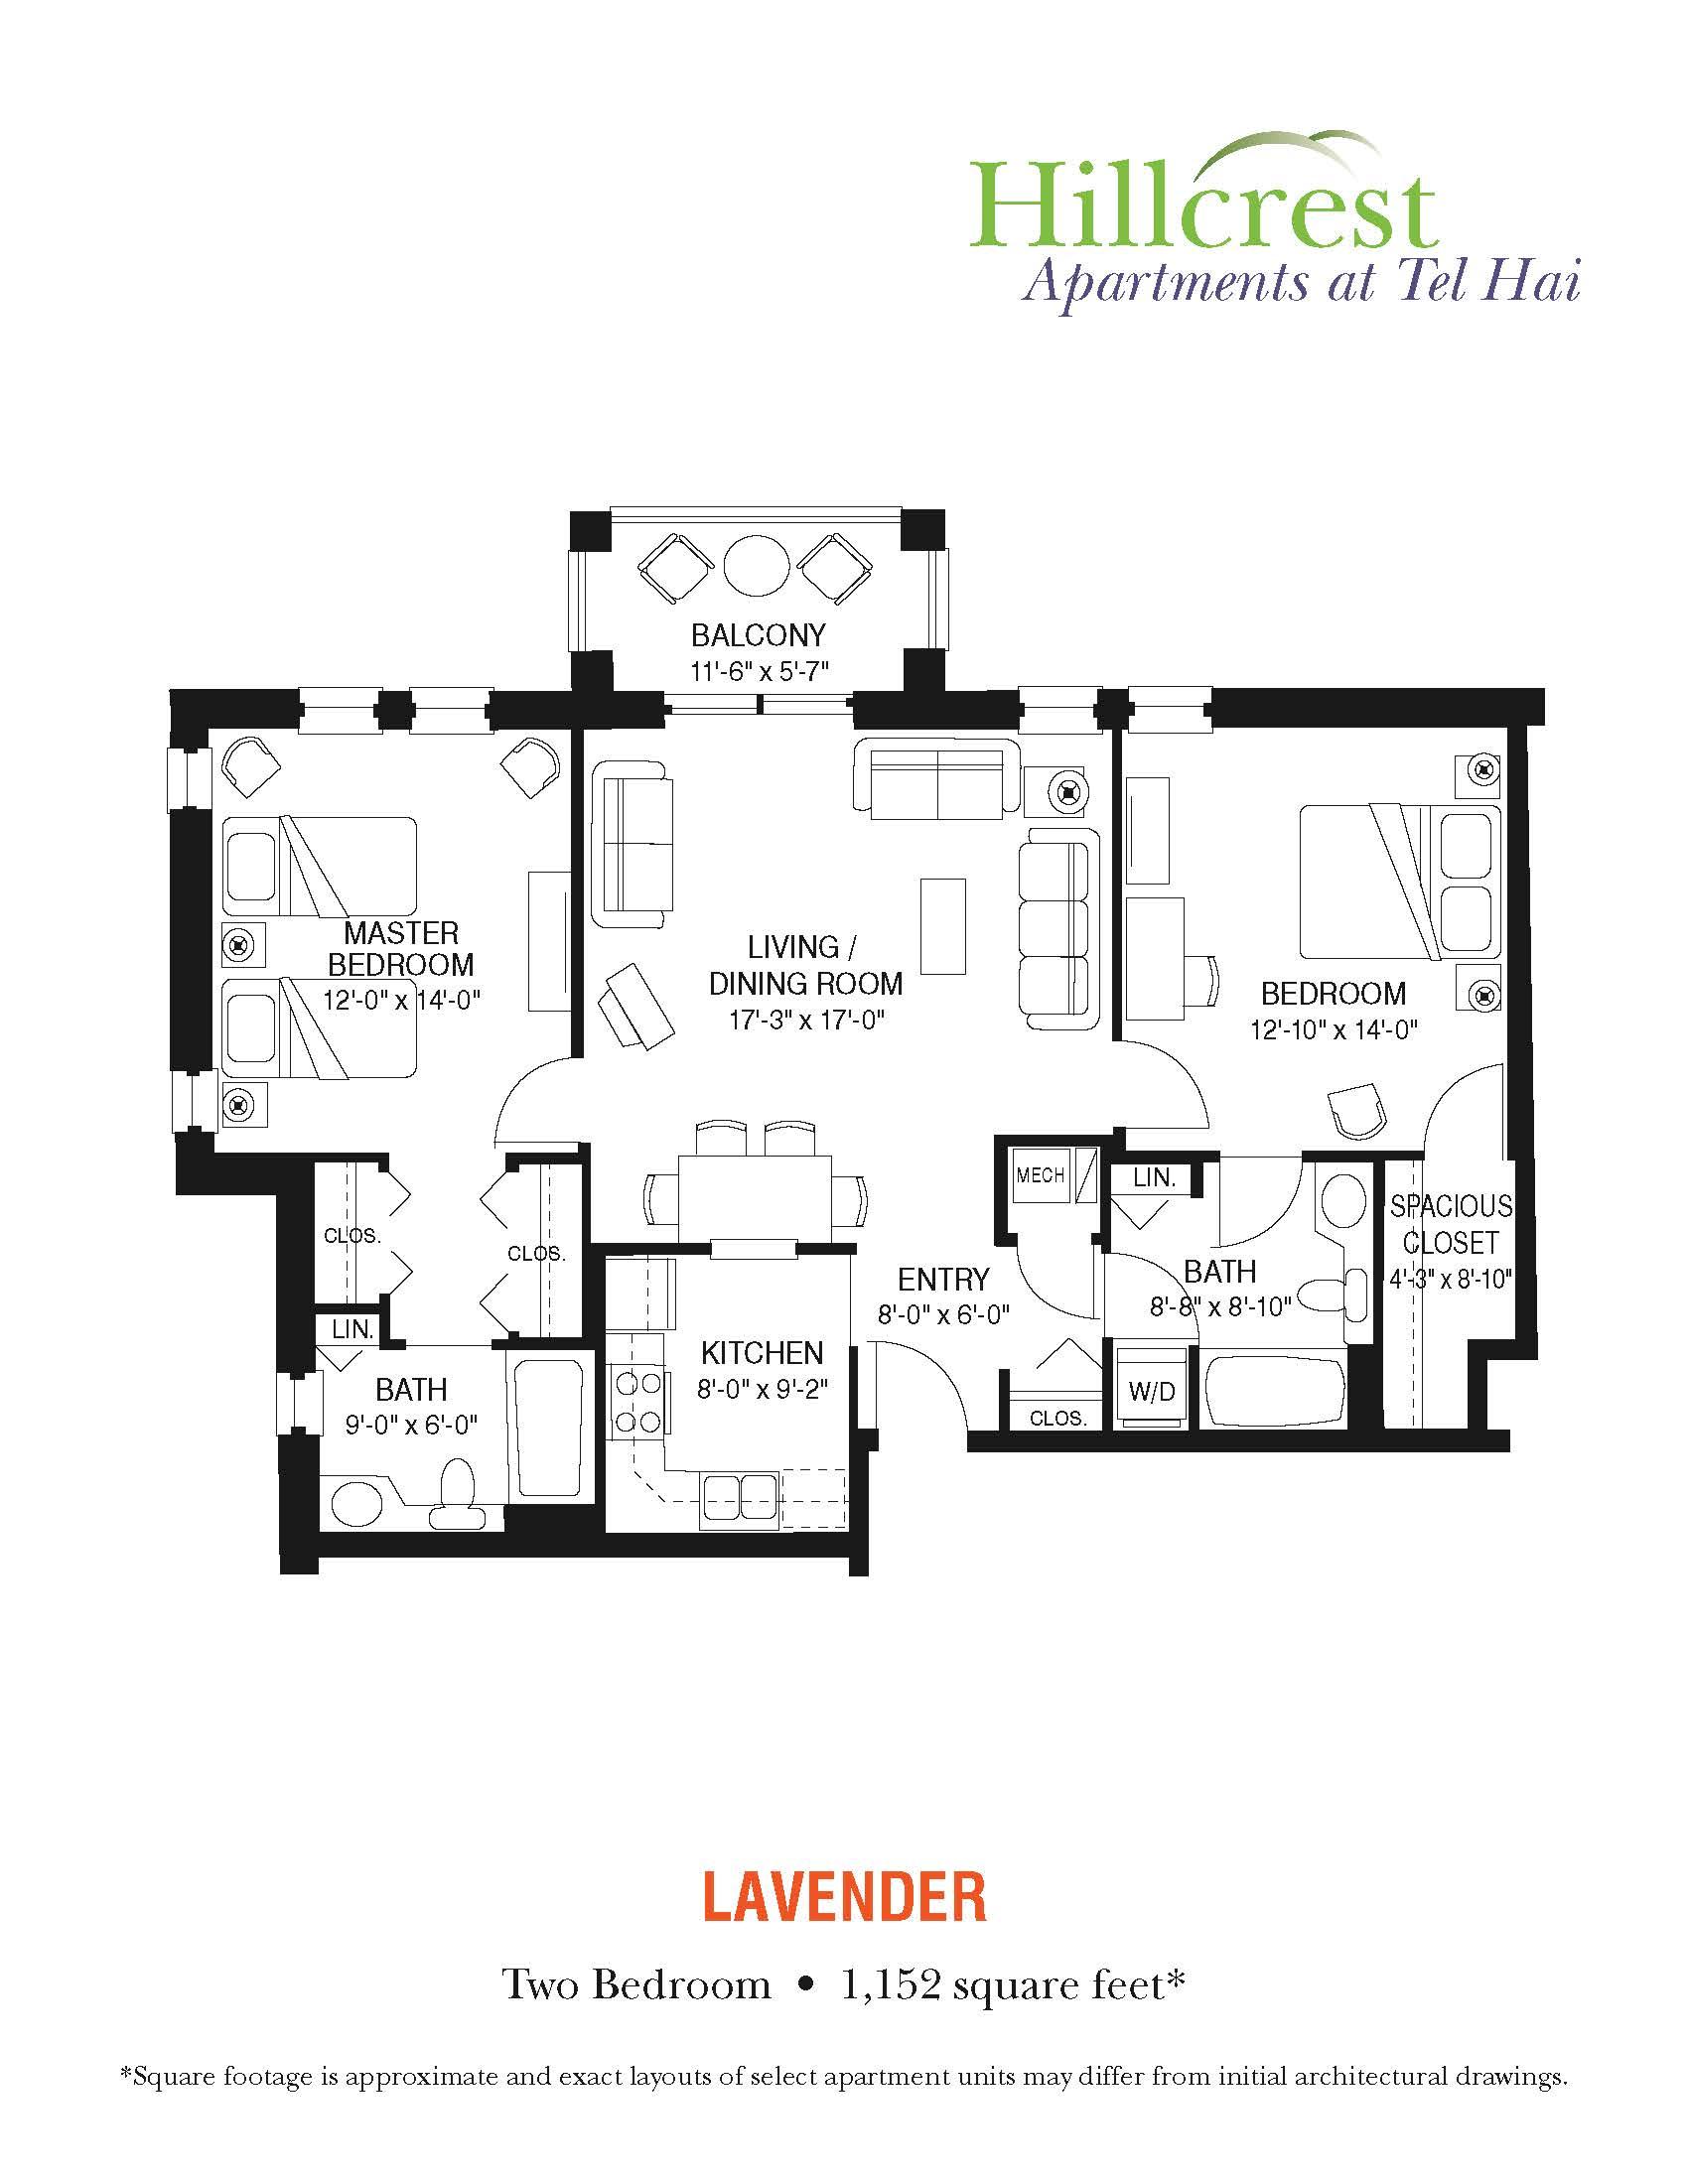 Lavender Apartment at Tel Hai